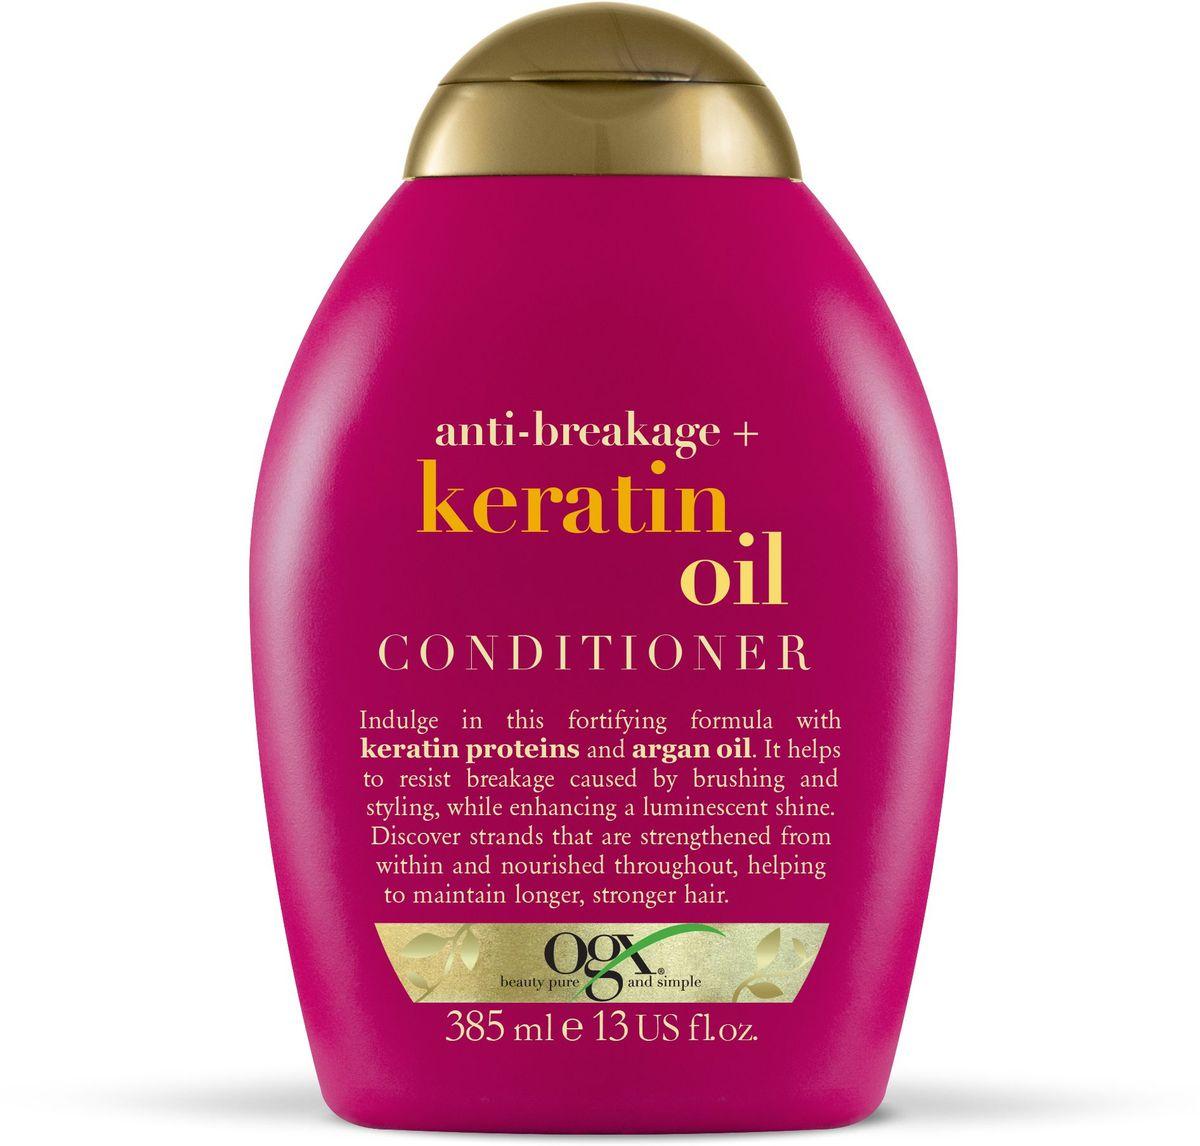 OGX Кондиционер против ломкости волос с кератиновым маслом, 385 мл.FS-00897Кондиционер против ломкости волос с кератиновым маслом, обогащенный протеинами кератина и аргановым маслом, борется против ломкости волос, питает волосы и придает им силу, блеск и сияние.